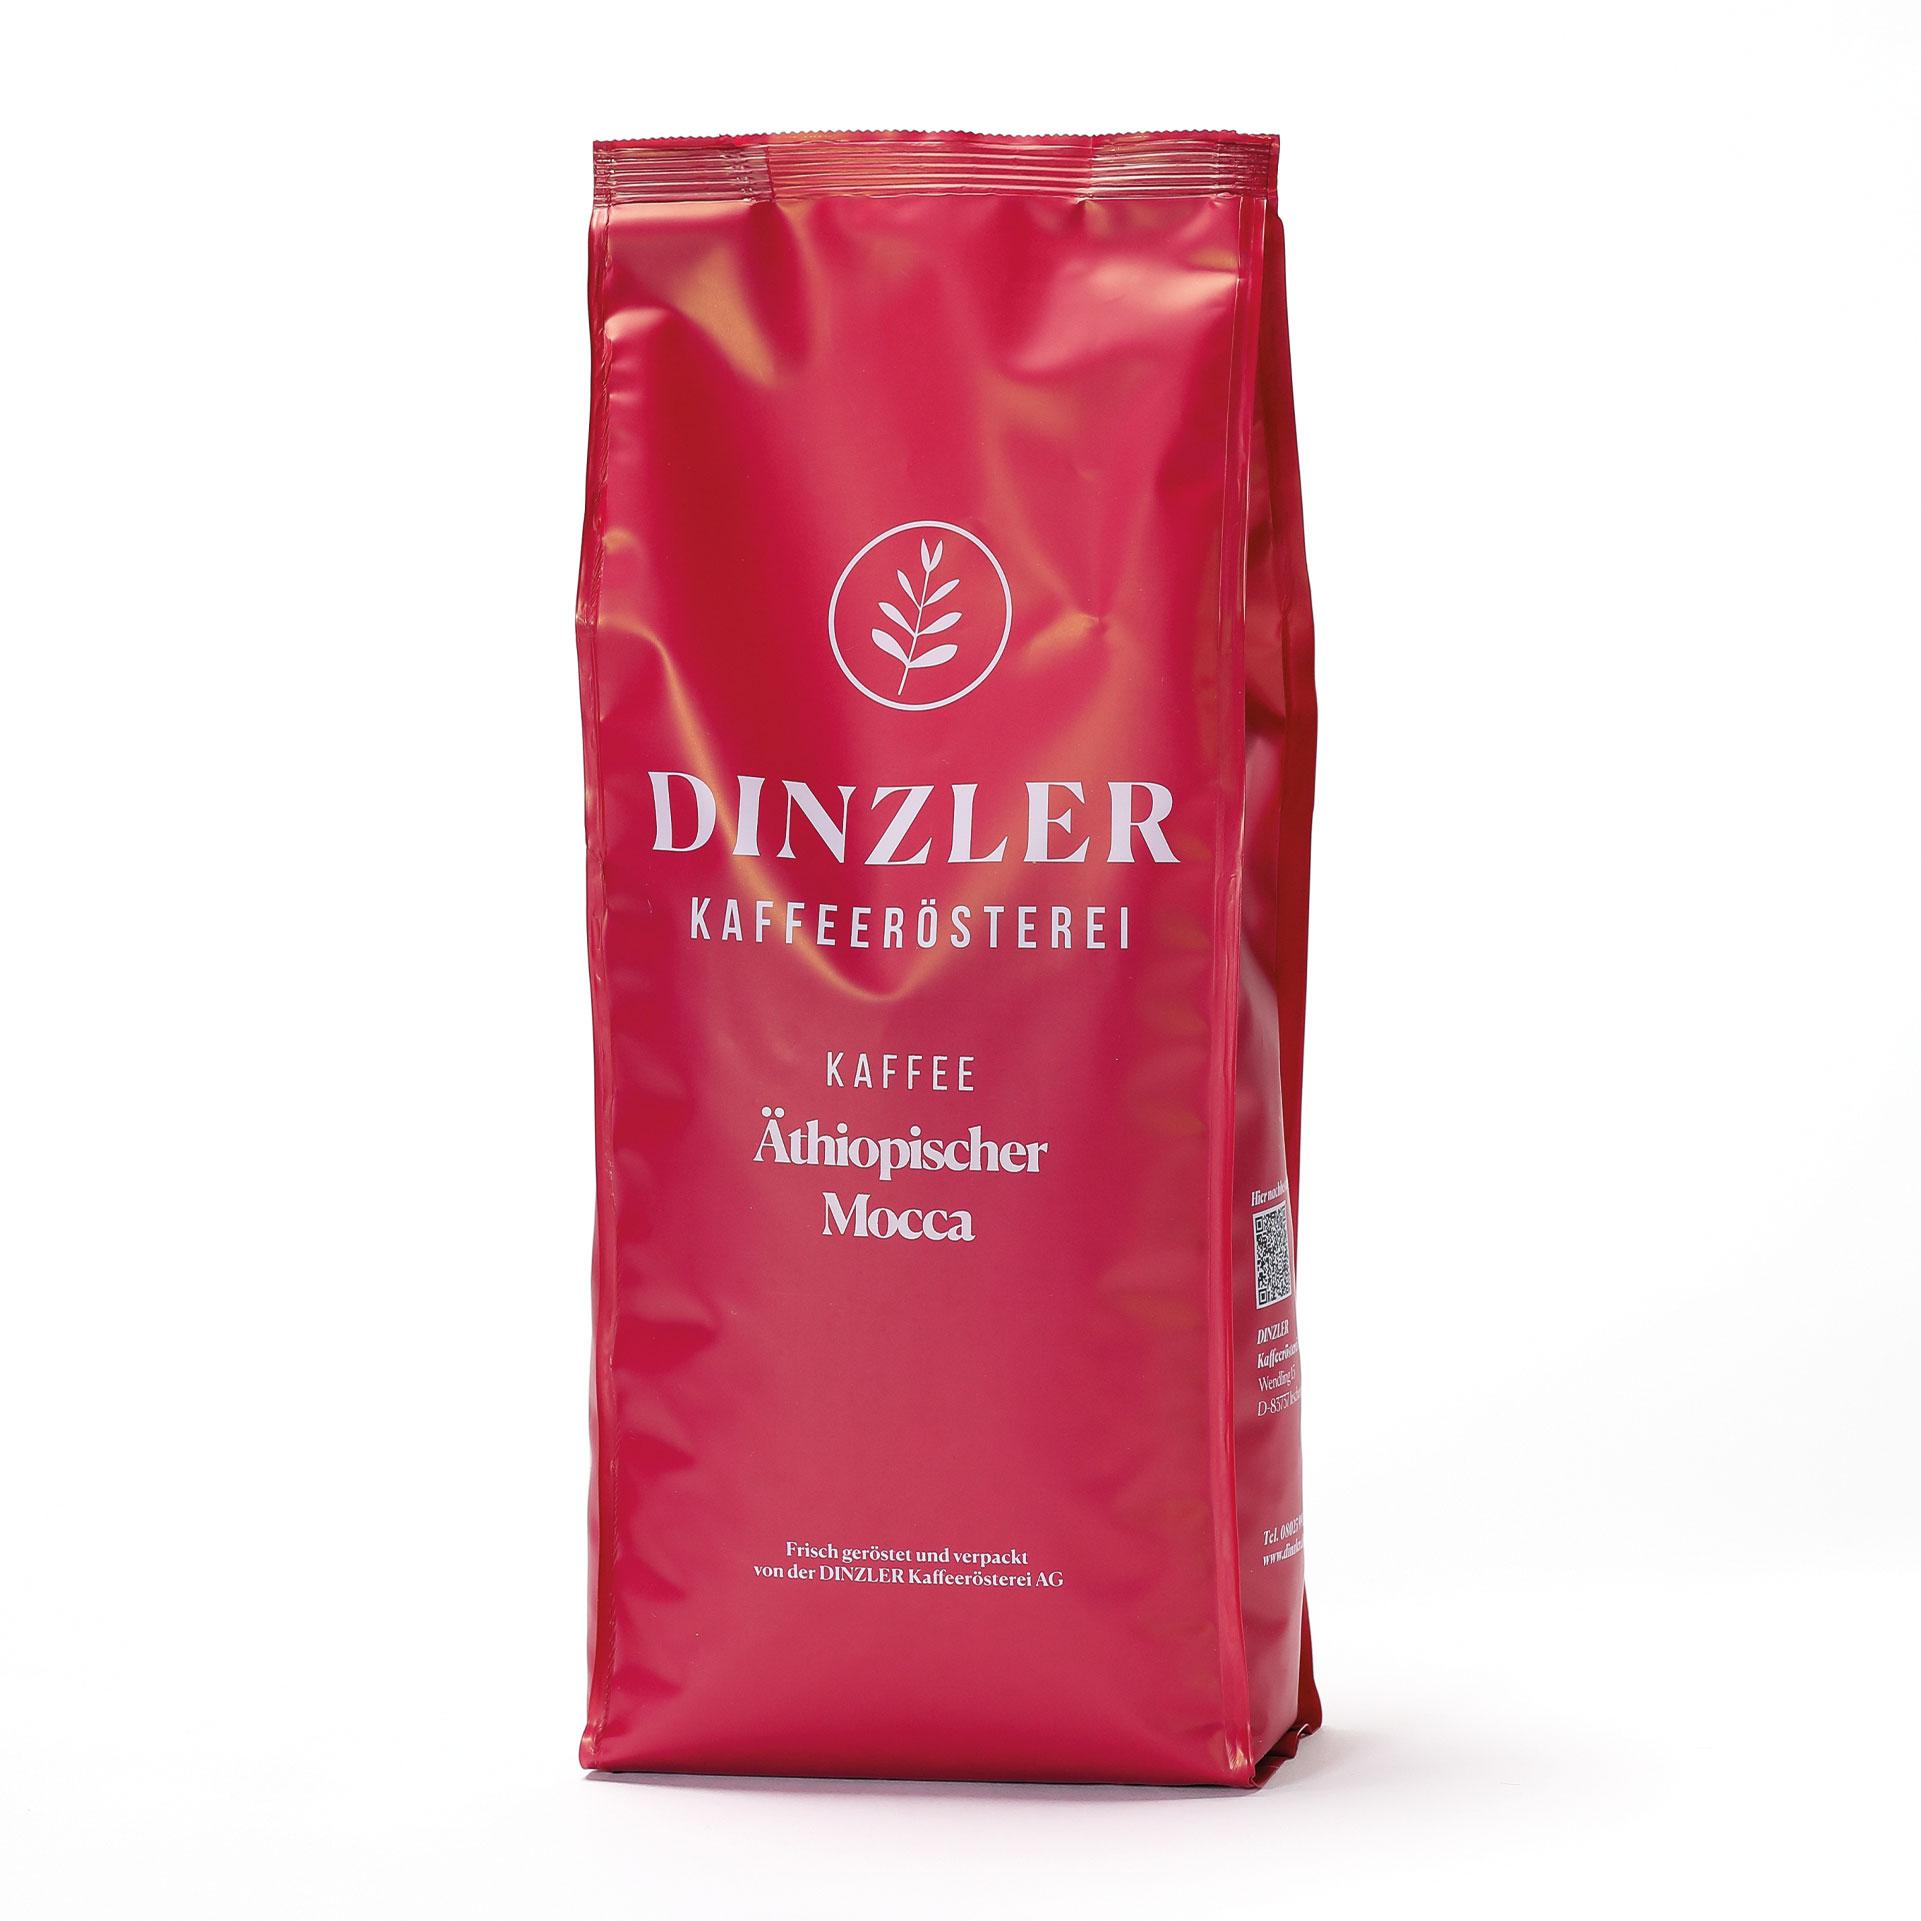 DINZLER Kaffee Äthiopischer Mocca